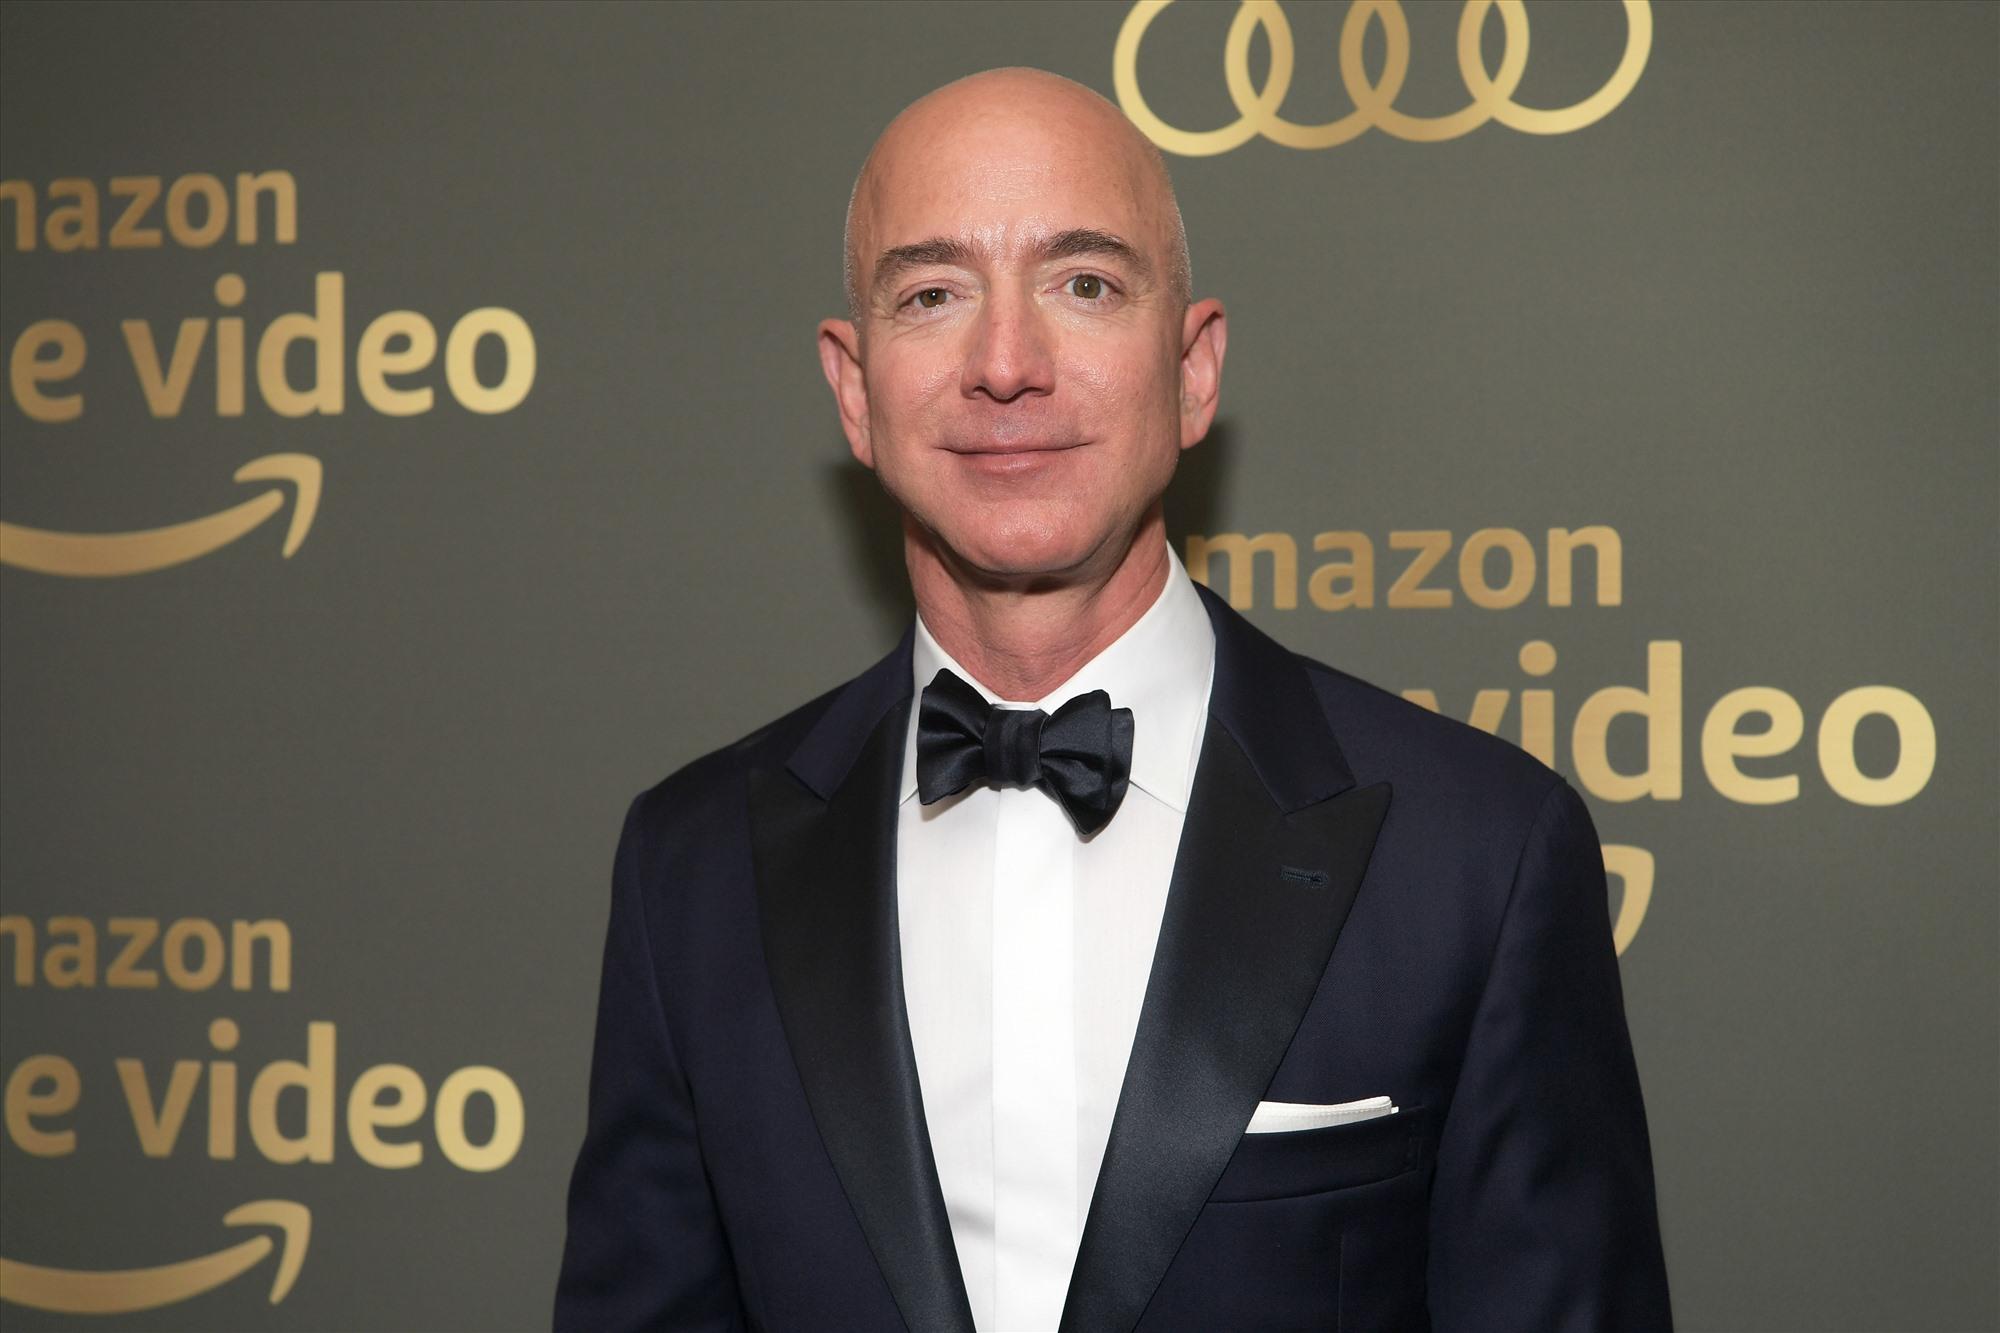 Jeff Bezos-CEO và Chủ tịch của công ty công nghệ đa quốc gia Amazon, người giàu nhất thế giới hiện nay. Ảnh: Gettyimages